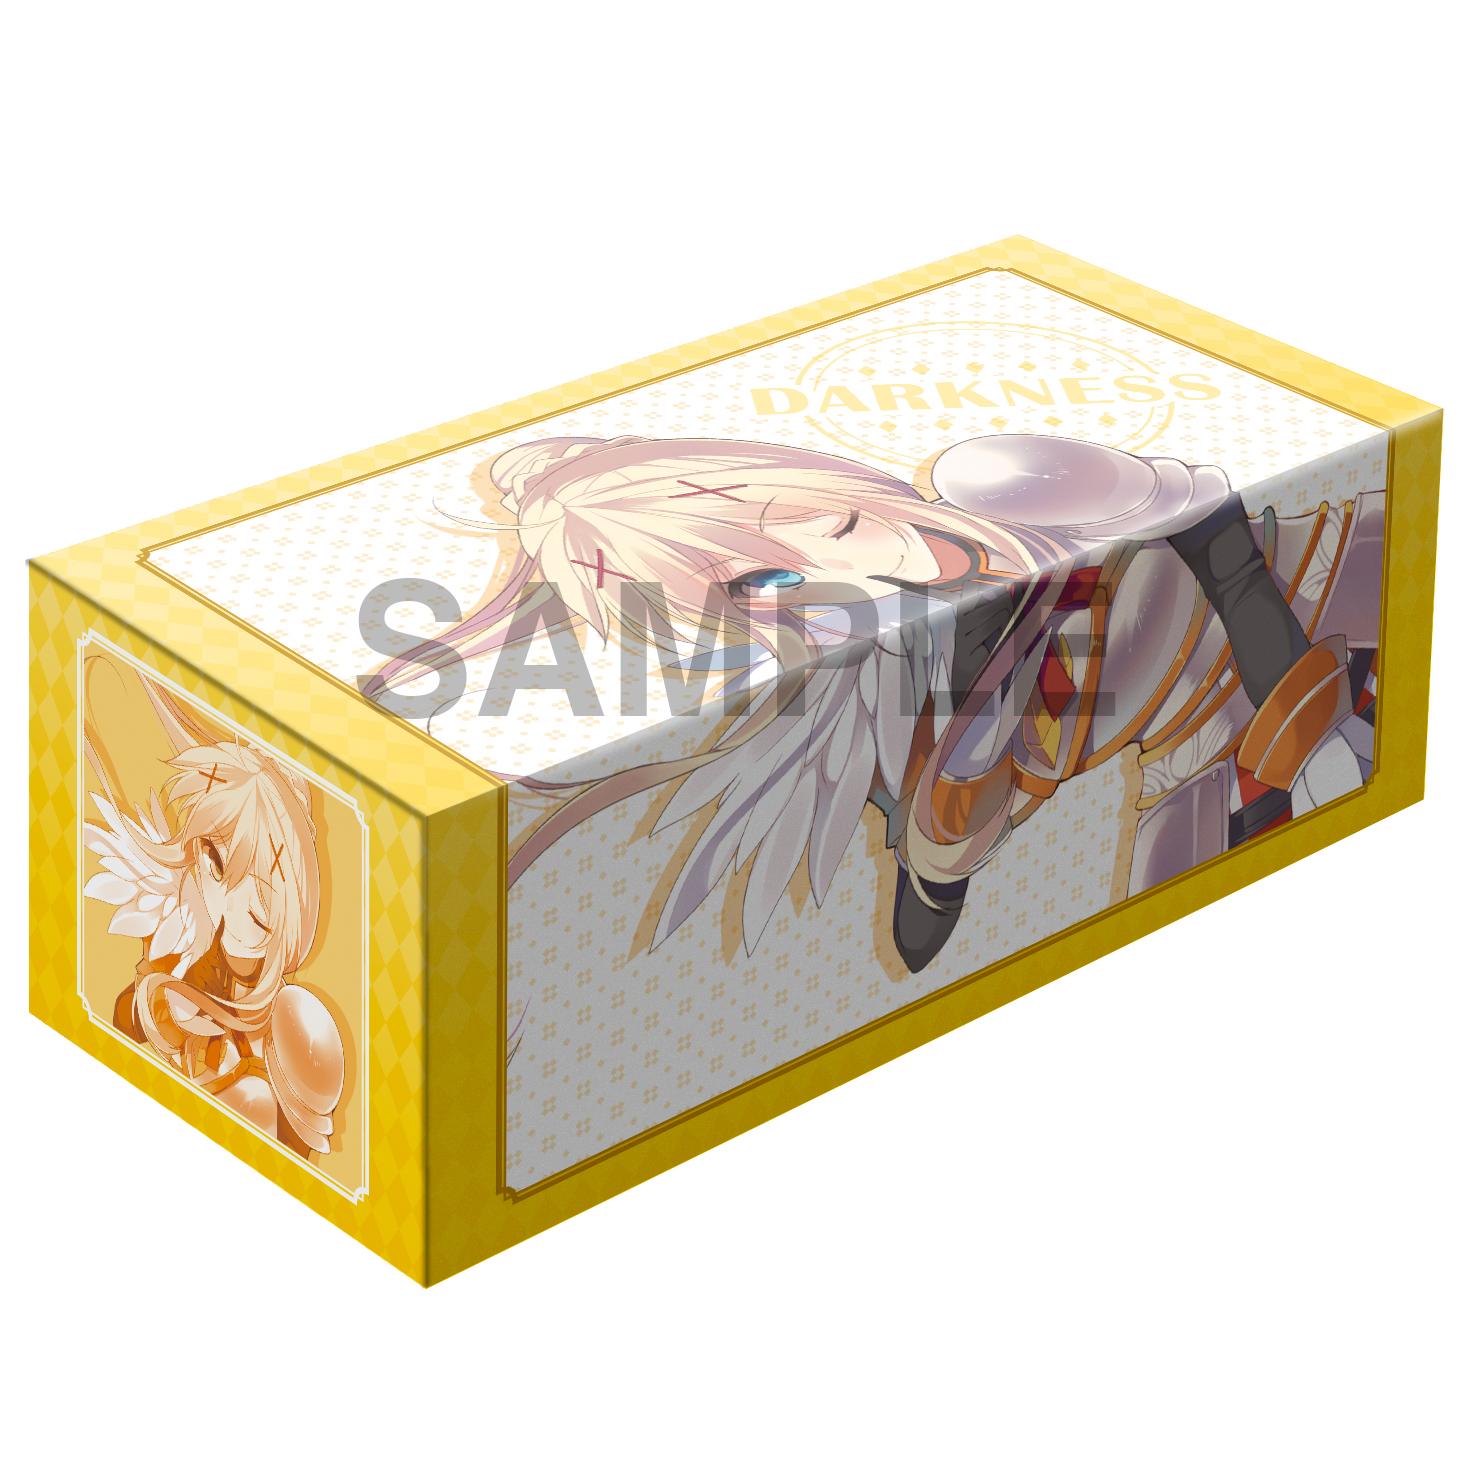 カードボックスコレクション「この素晴らしい世界に祝福を!2」 ダクネス 734円